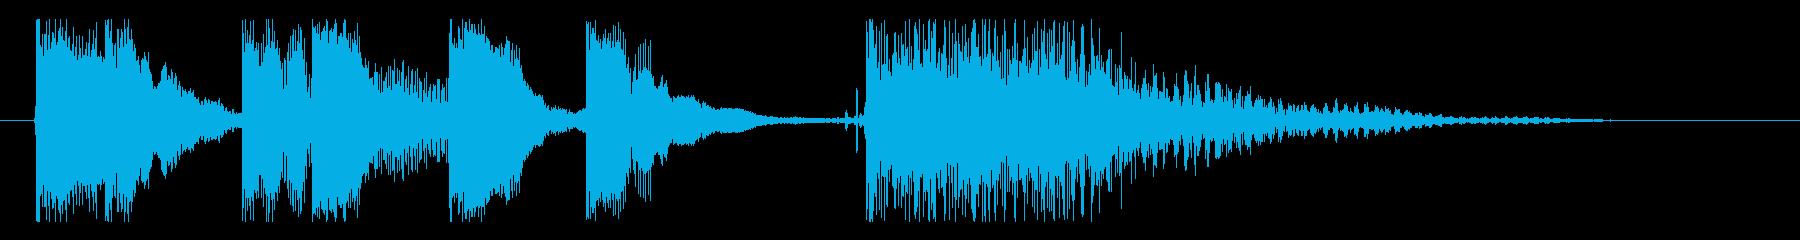 昭和のコント風ジングルですの再生済みの波形